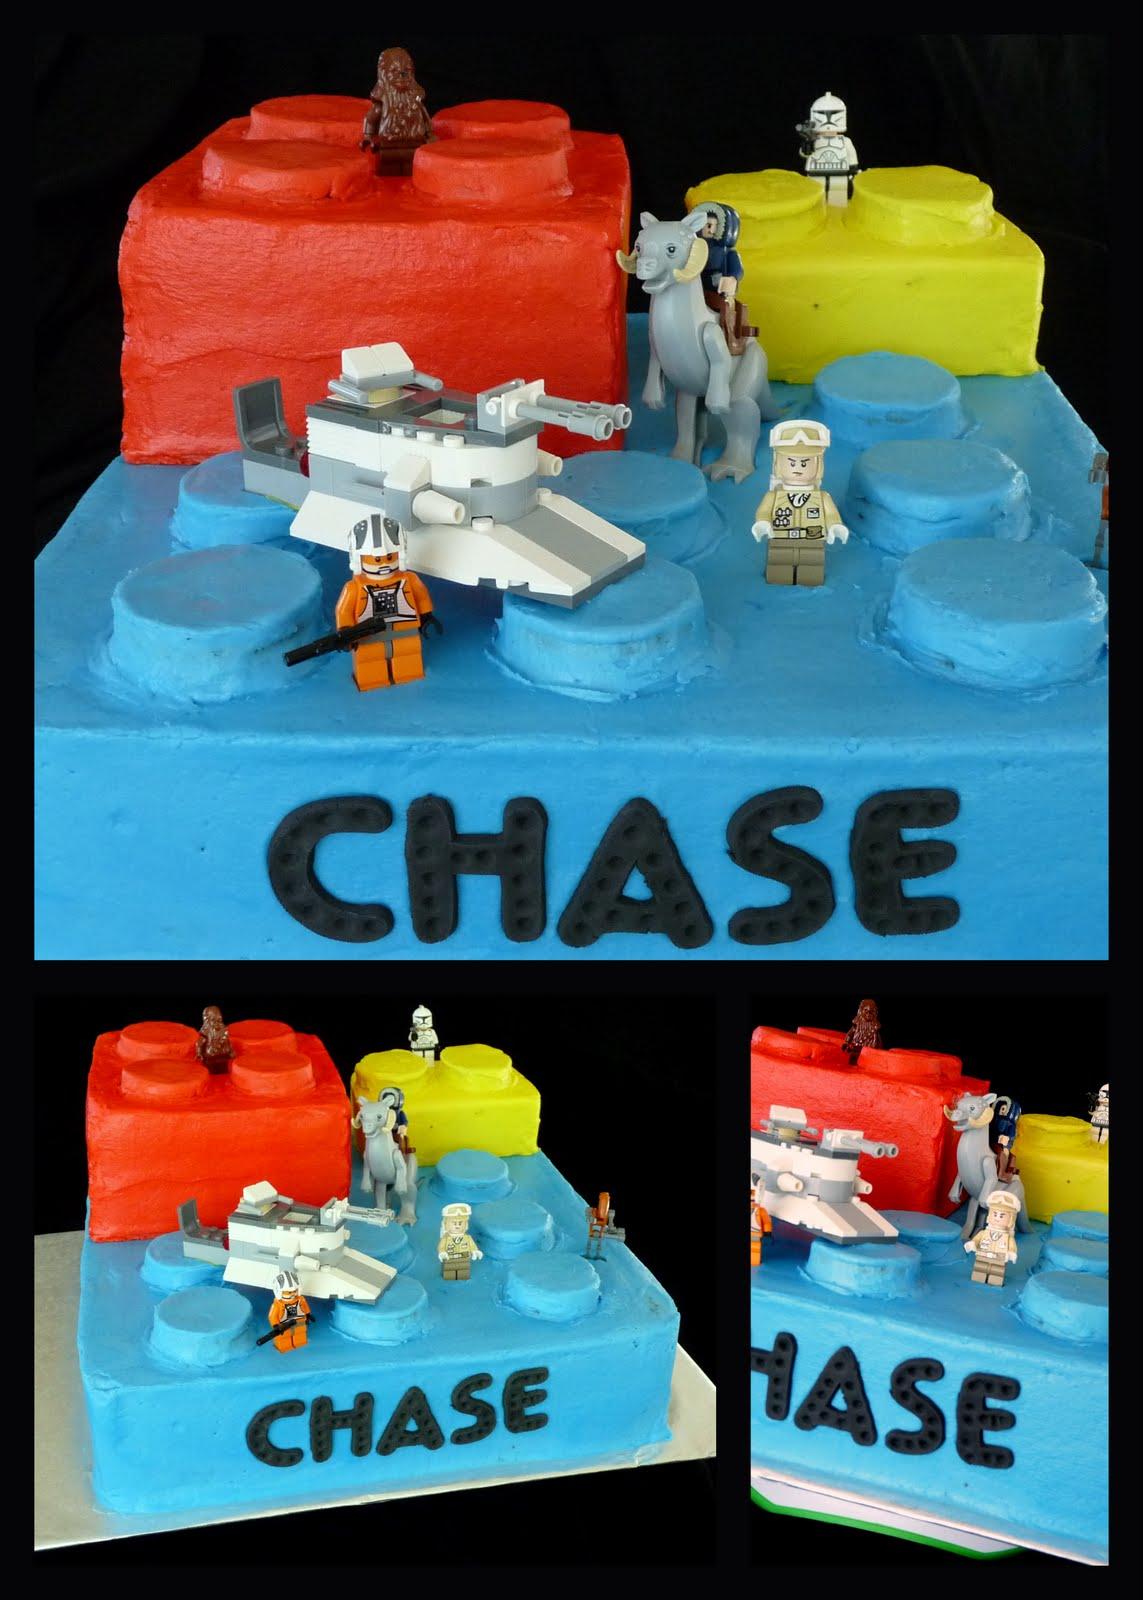 Star Wars Lego Decorations Similiar Lego Star Wars Cake Decorations Keywords